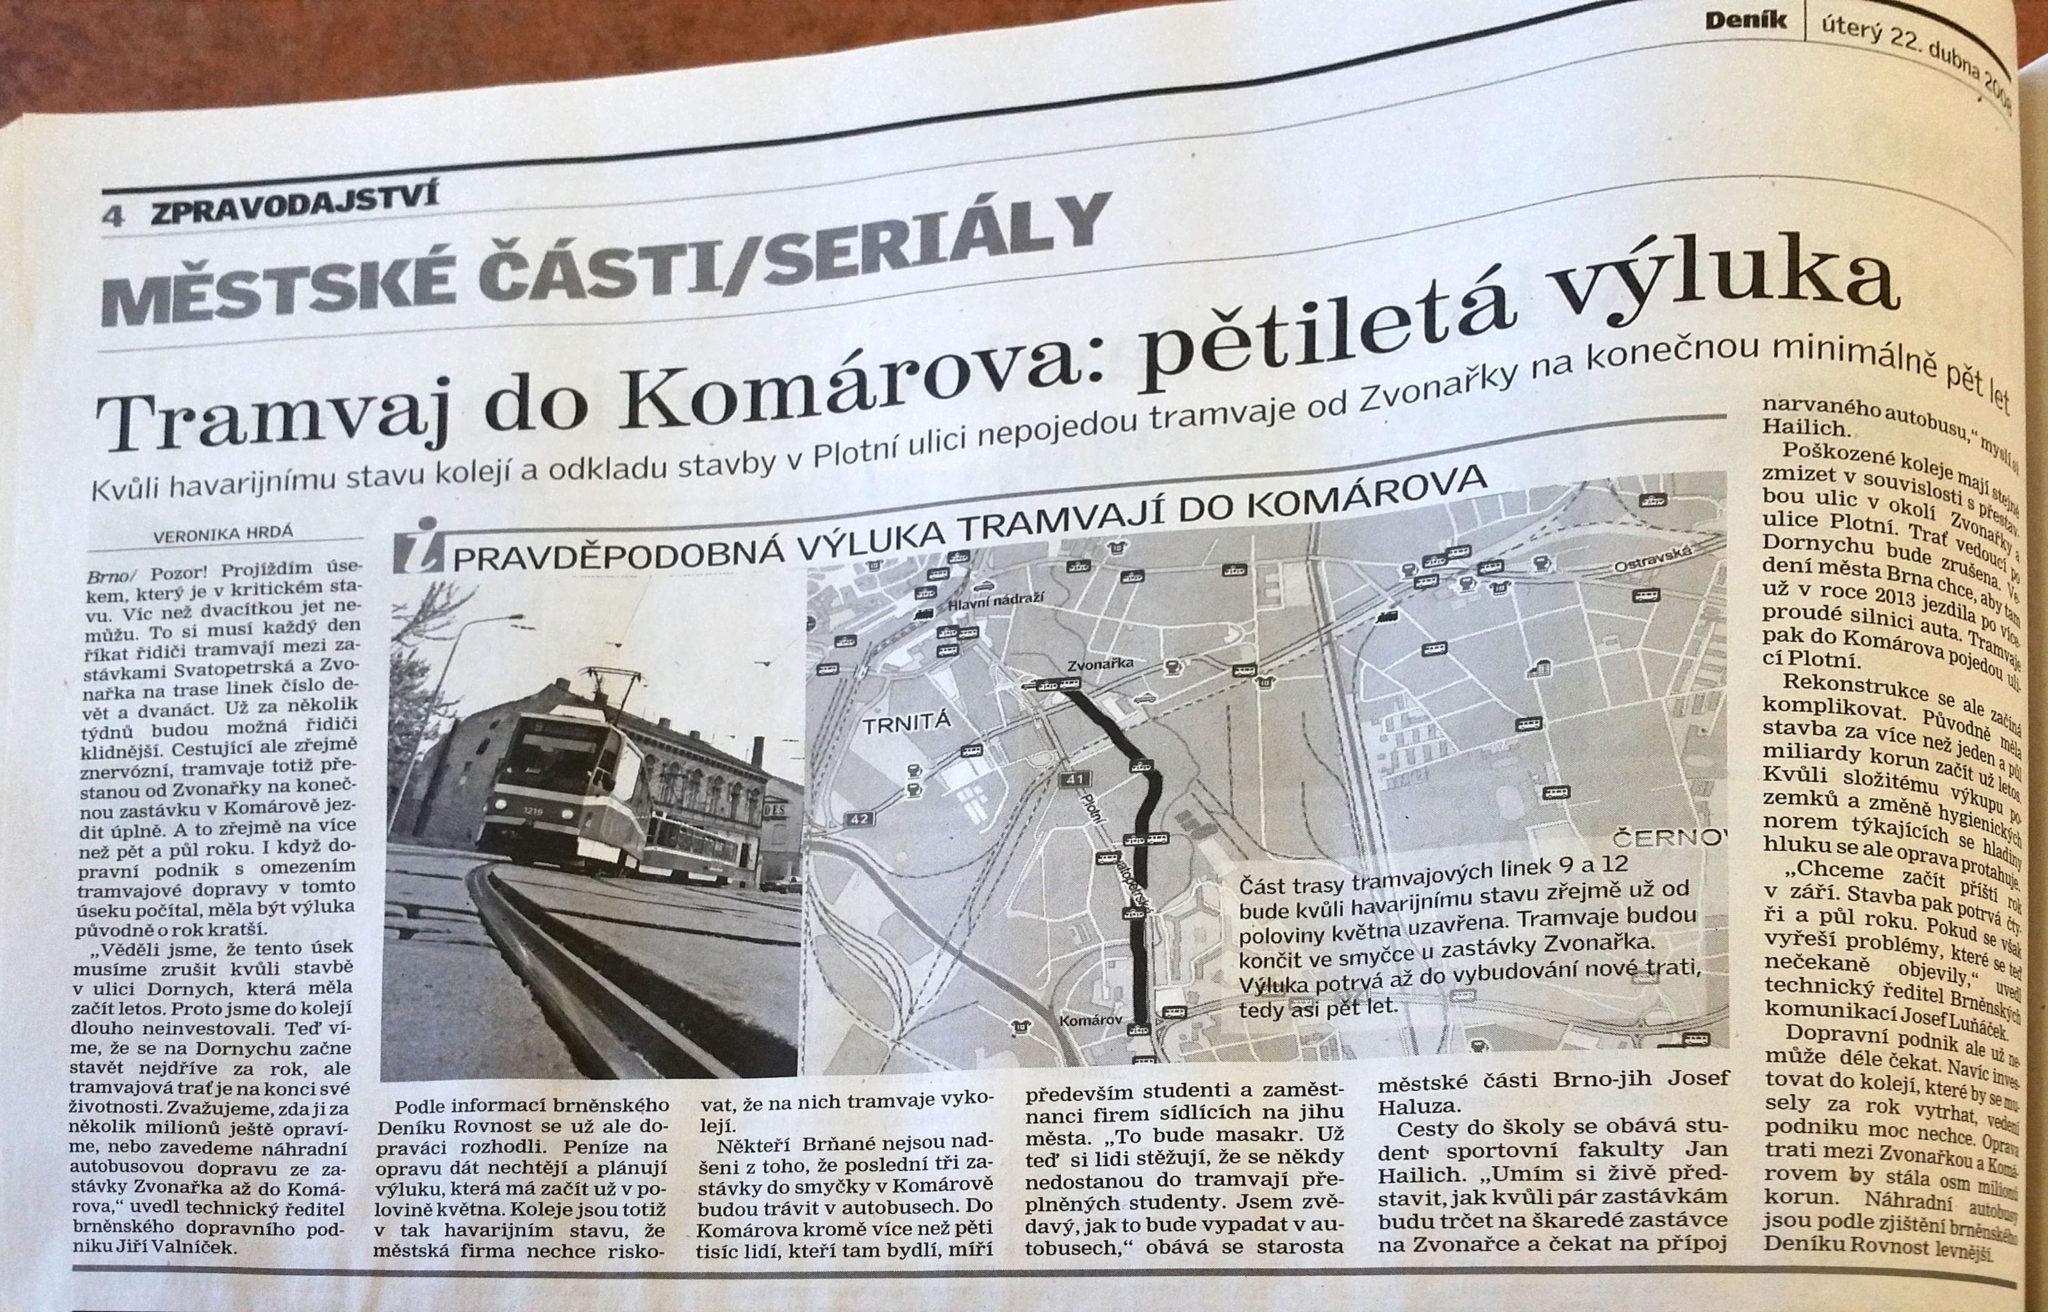 Šalina Plotní - Deník 22.dubna 2008